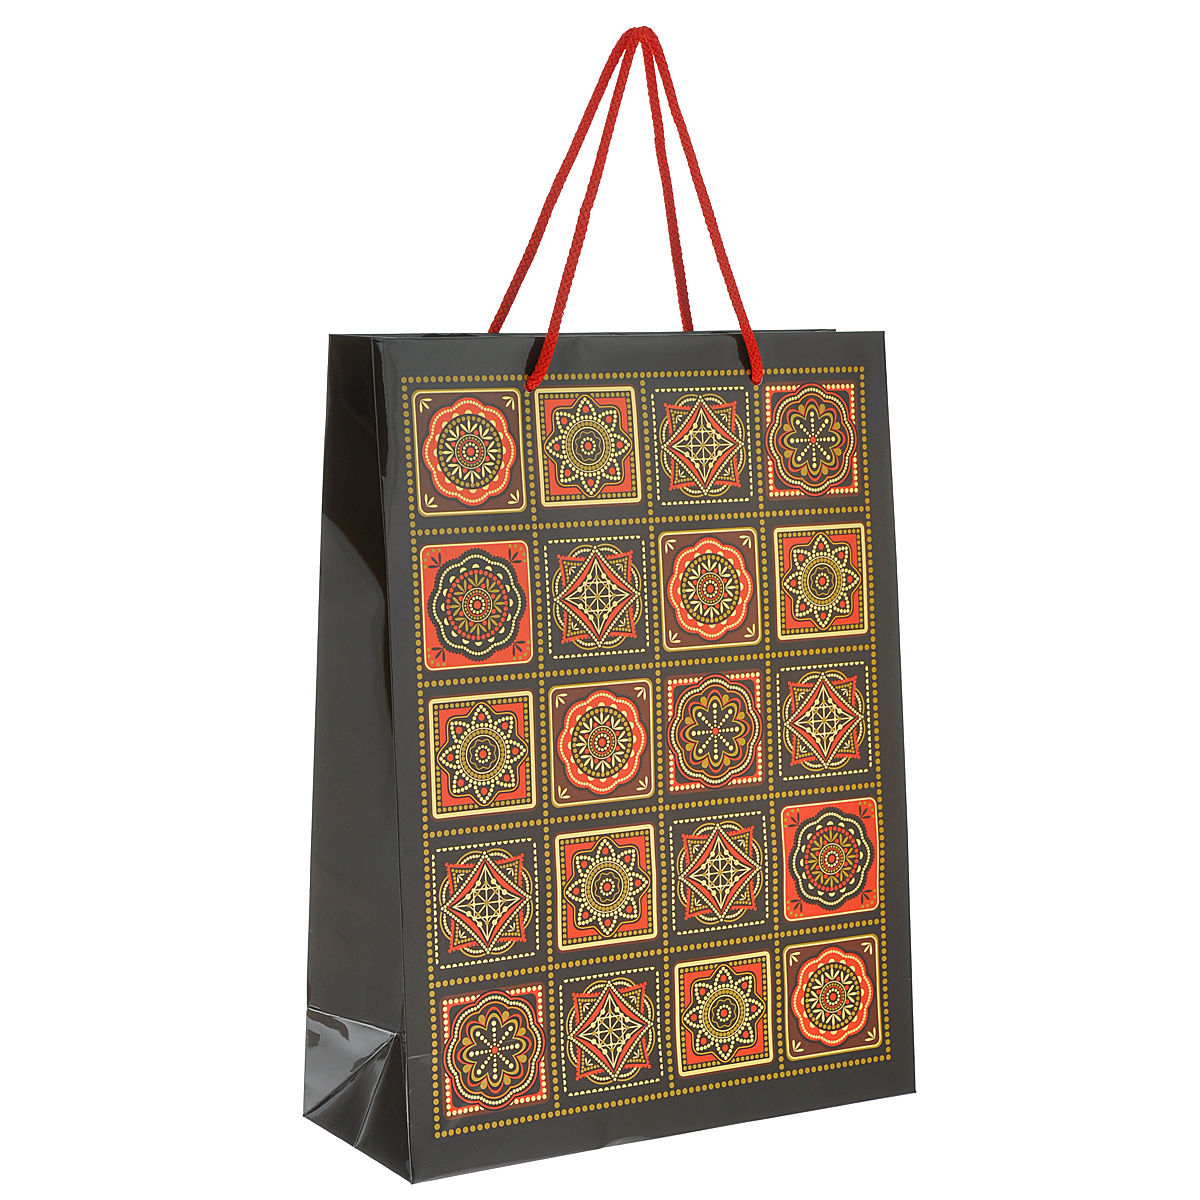 Пакет подарочный Арабеска, 30 х 40 х 12 см4610009210339Подарочный пакет Арабеска выполнен из плотной ламинированной бумаги с красочным восточным орнаментом. Дно изделия укреплено плотным картоном, который позволяет сохранить форму пакета и исключает возможность деформации под тяжестью подарка. Для удобной переноски на пакете имеются ручки-шнурки.Подарок, преподнесенный в оригинальной упаковке, всегда будет самым эффектным и запоминающимся. Окружите близких людей вниманием и заботой, вручив презент в нарядном, праздничном оформлении.